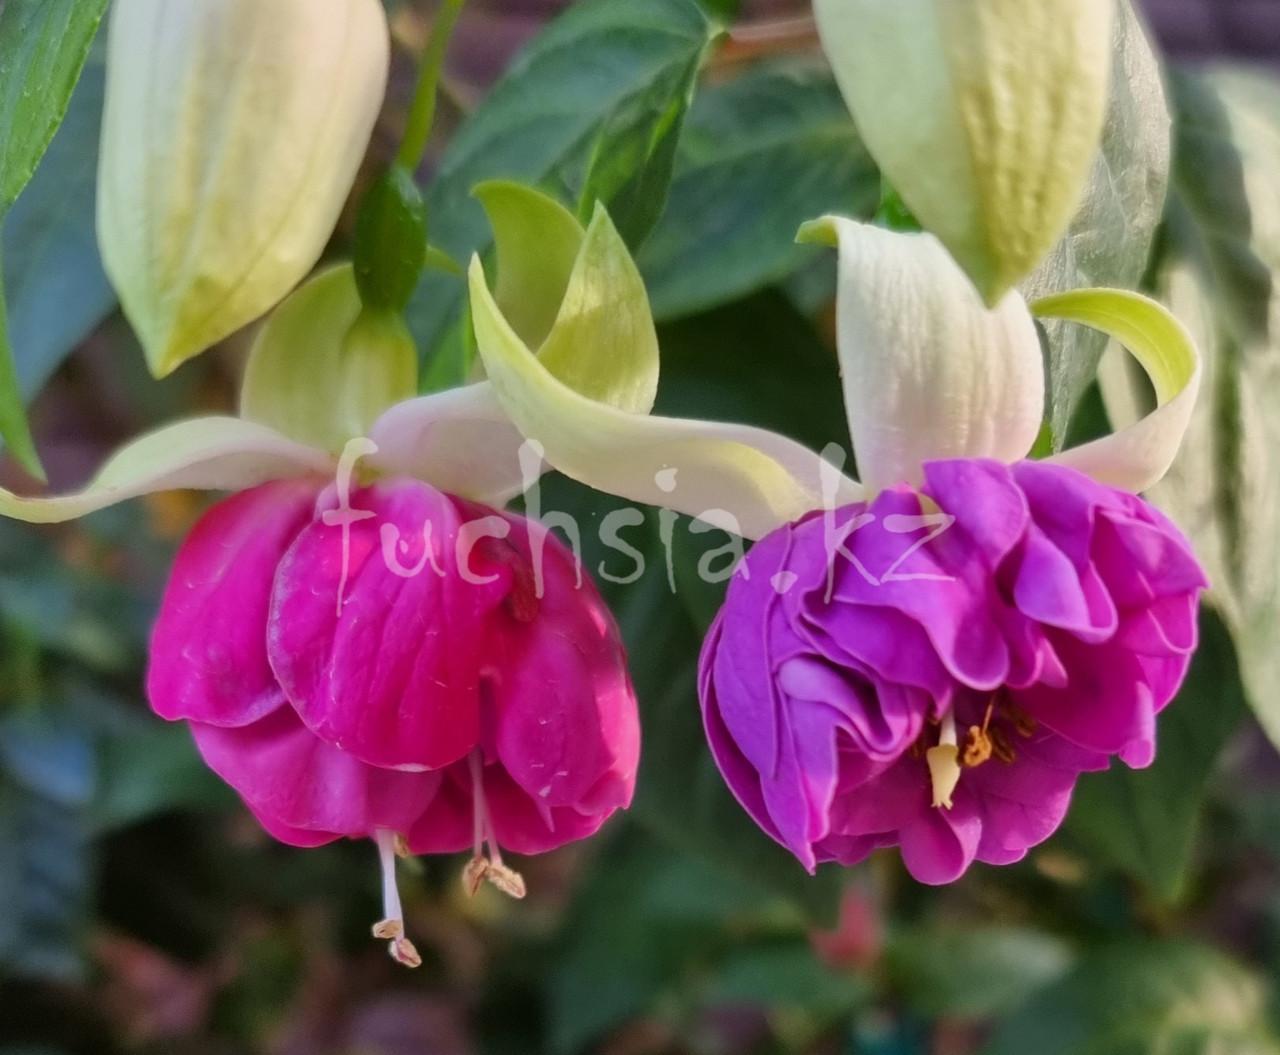 Vlasberg 39 / подрощенное растение